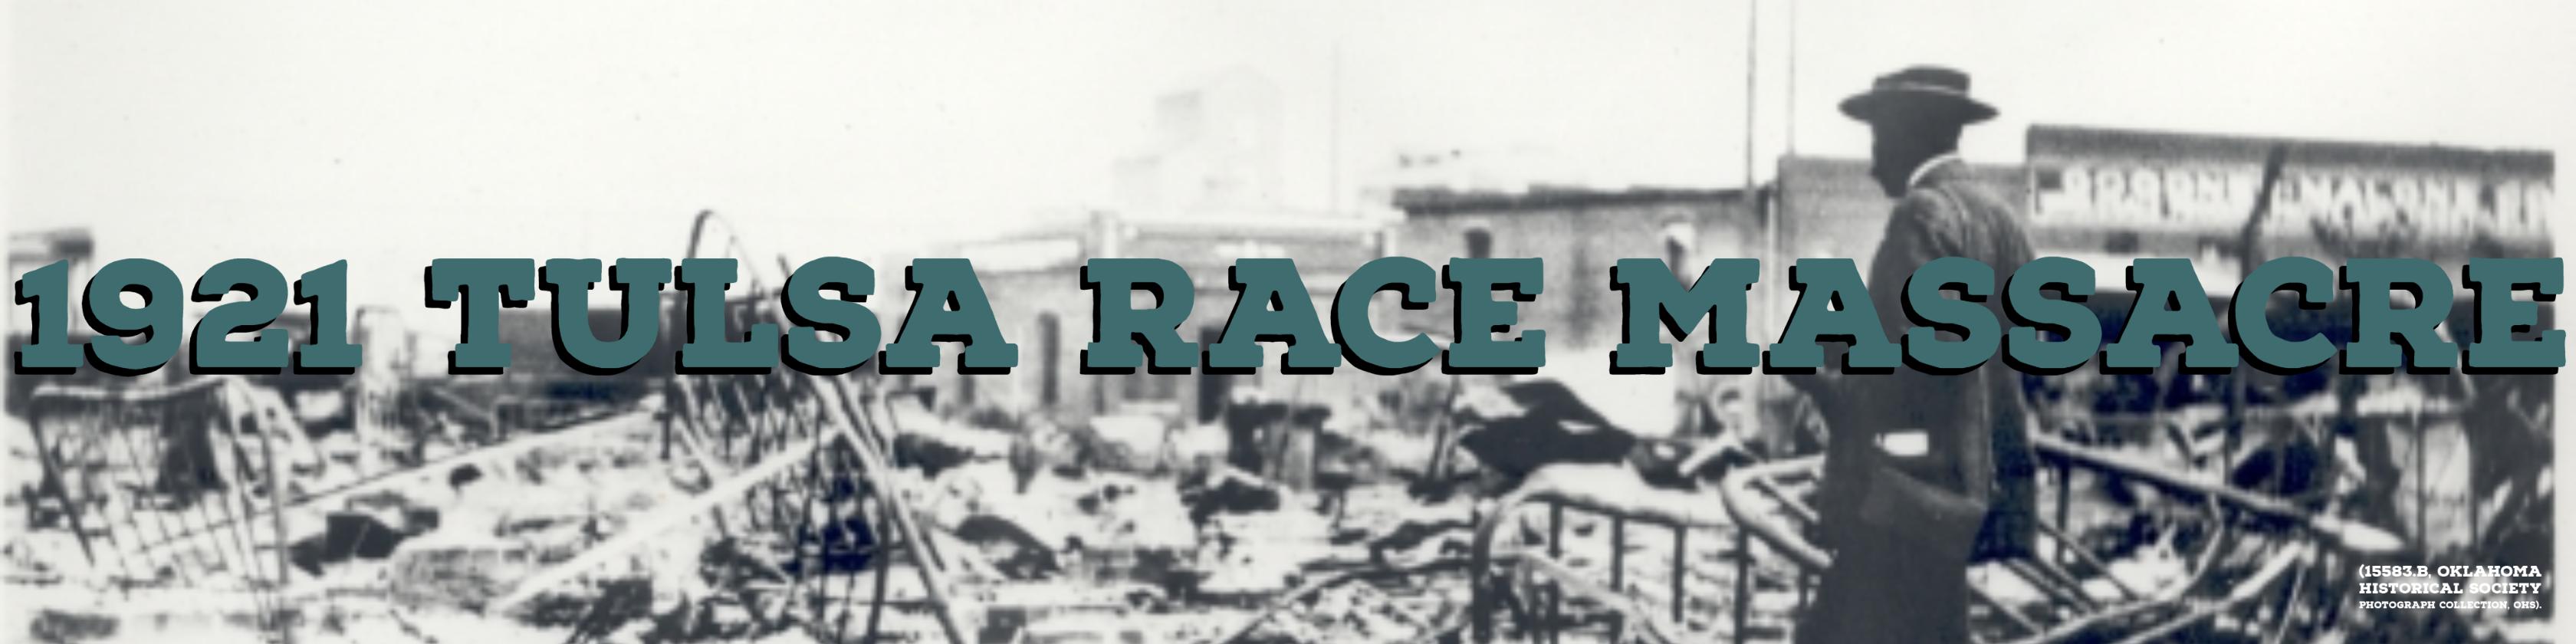 photograph of Tulsa circa 1921